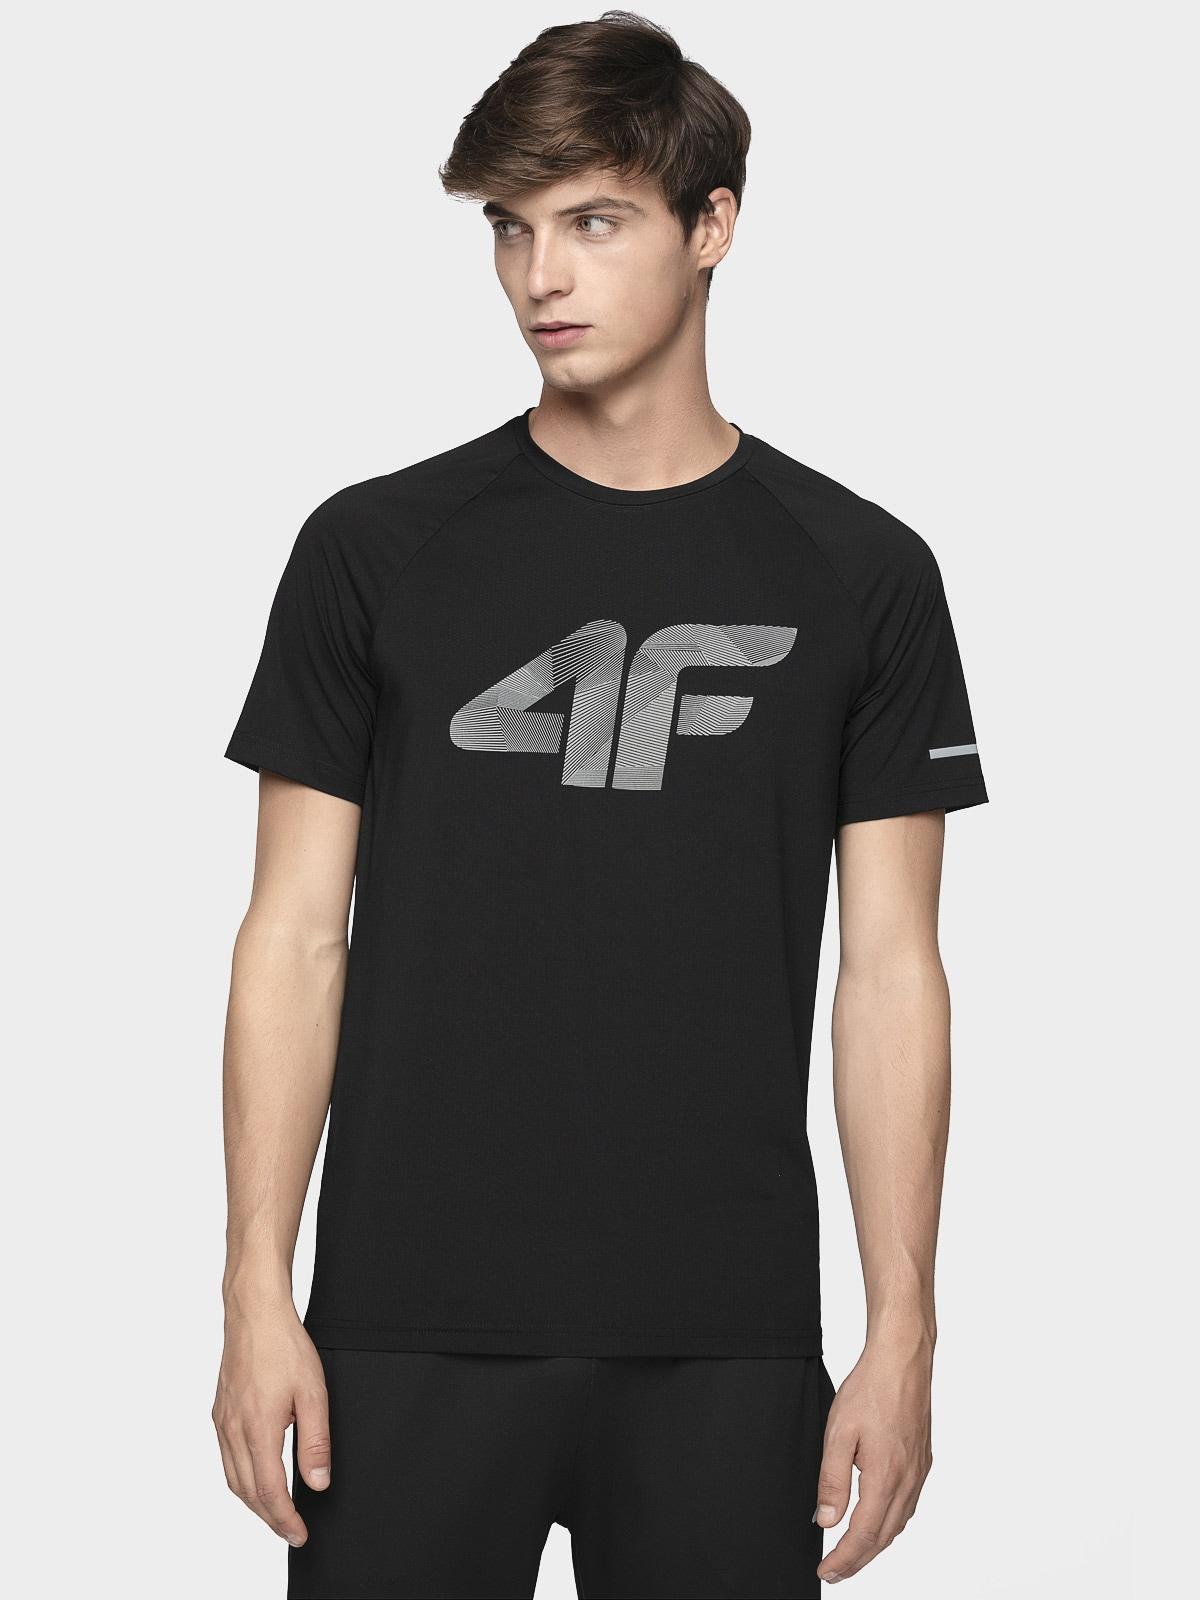 Koszulka do biegania męska TSMF273 - głęboka czerń